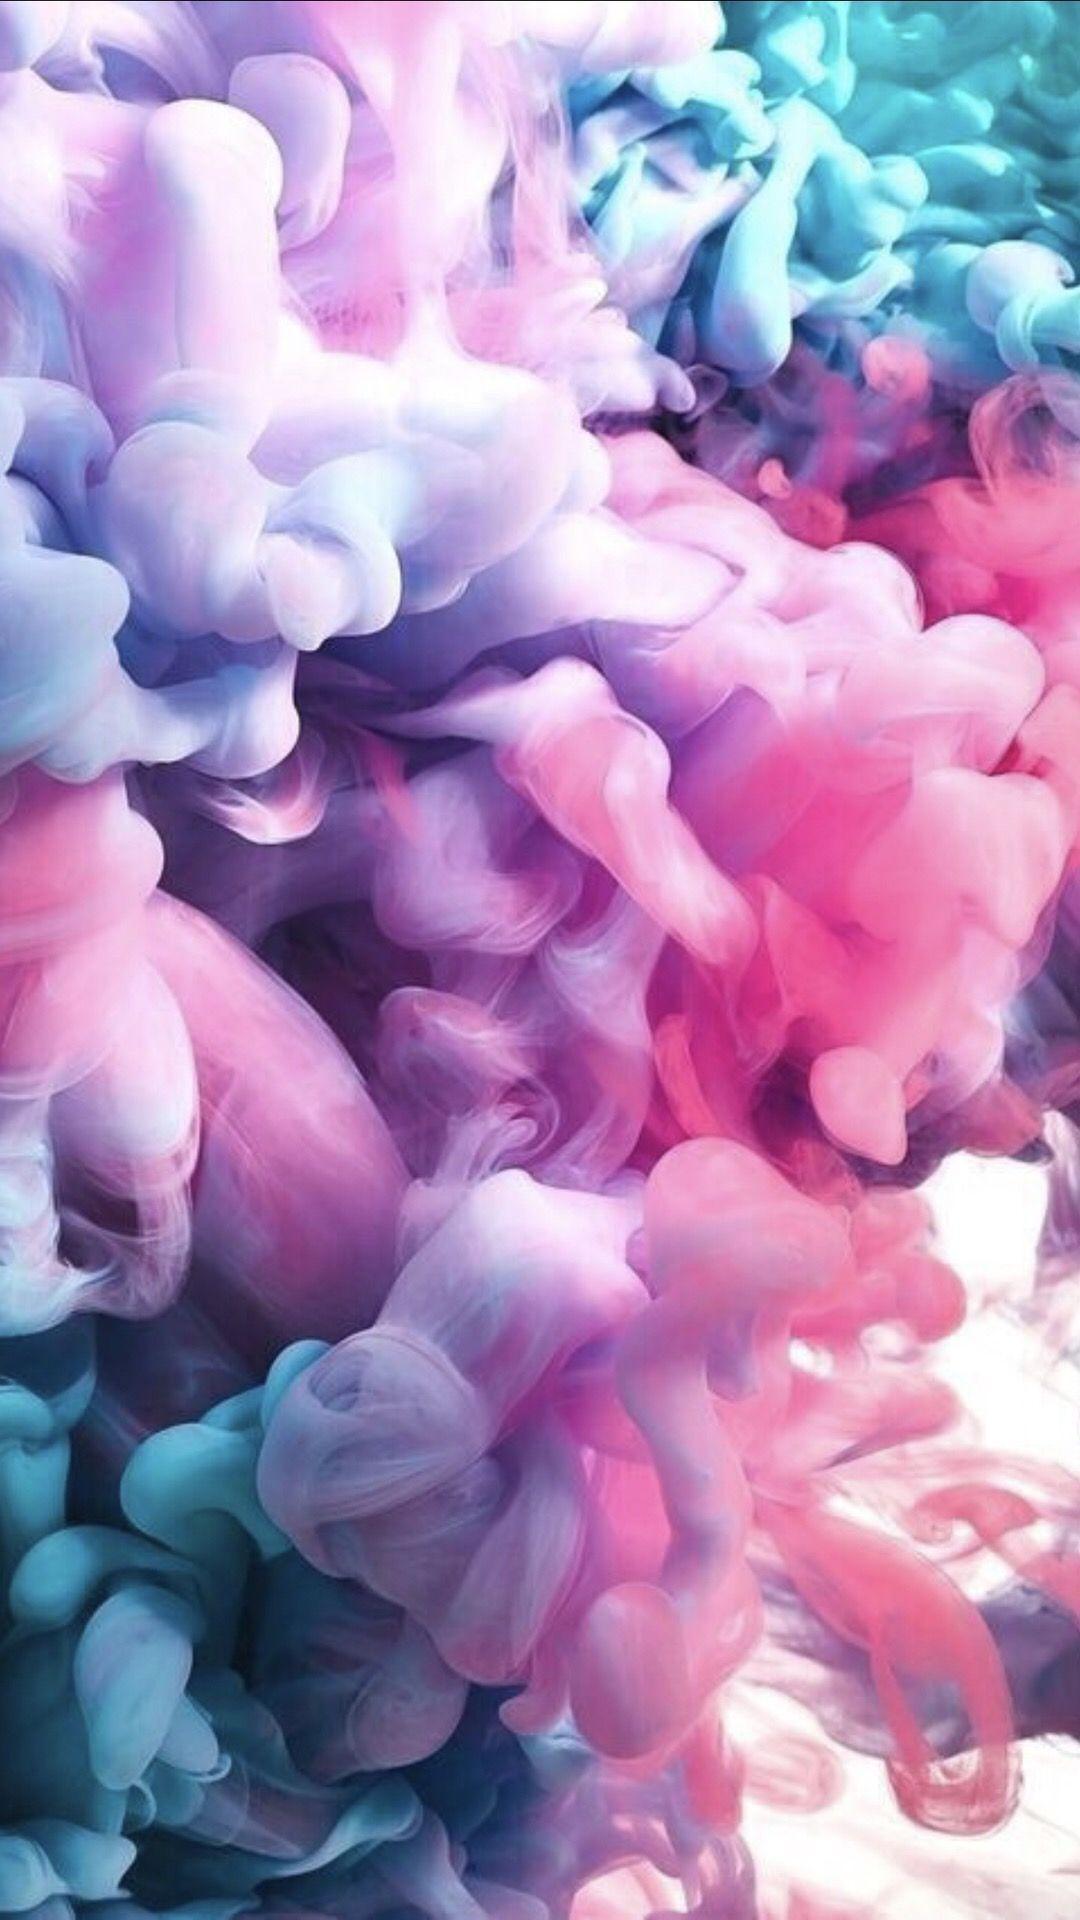 Aesthetic Smoke Wallpapers Top Free Aesthetic Smoke Backgrounds